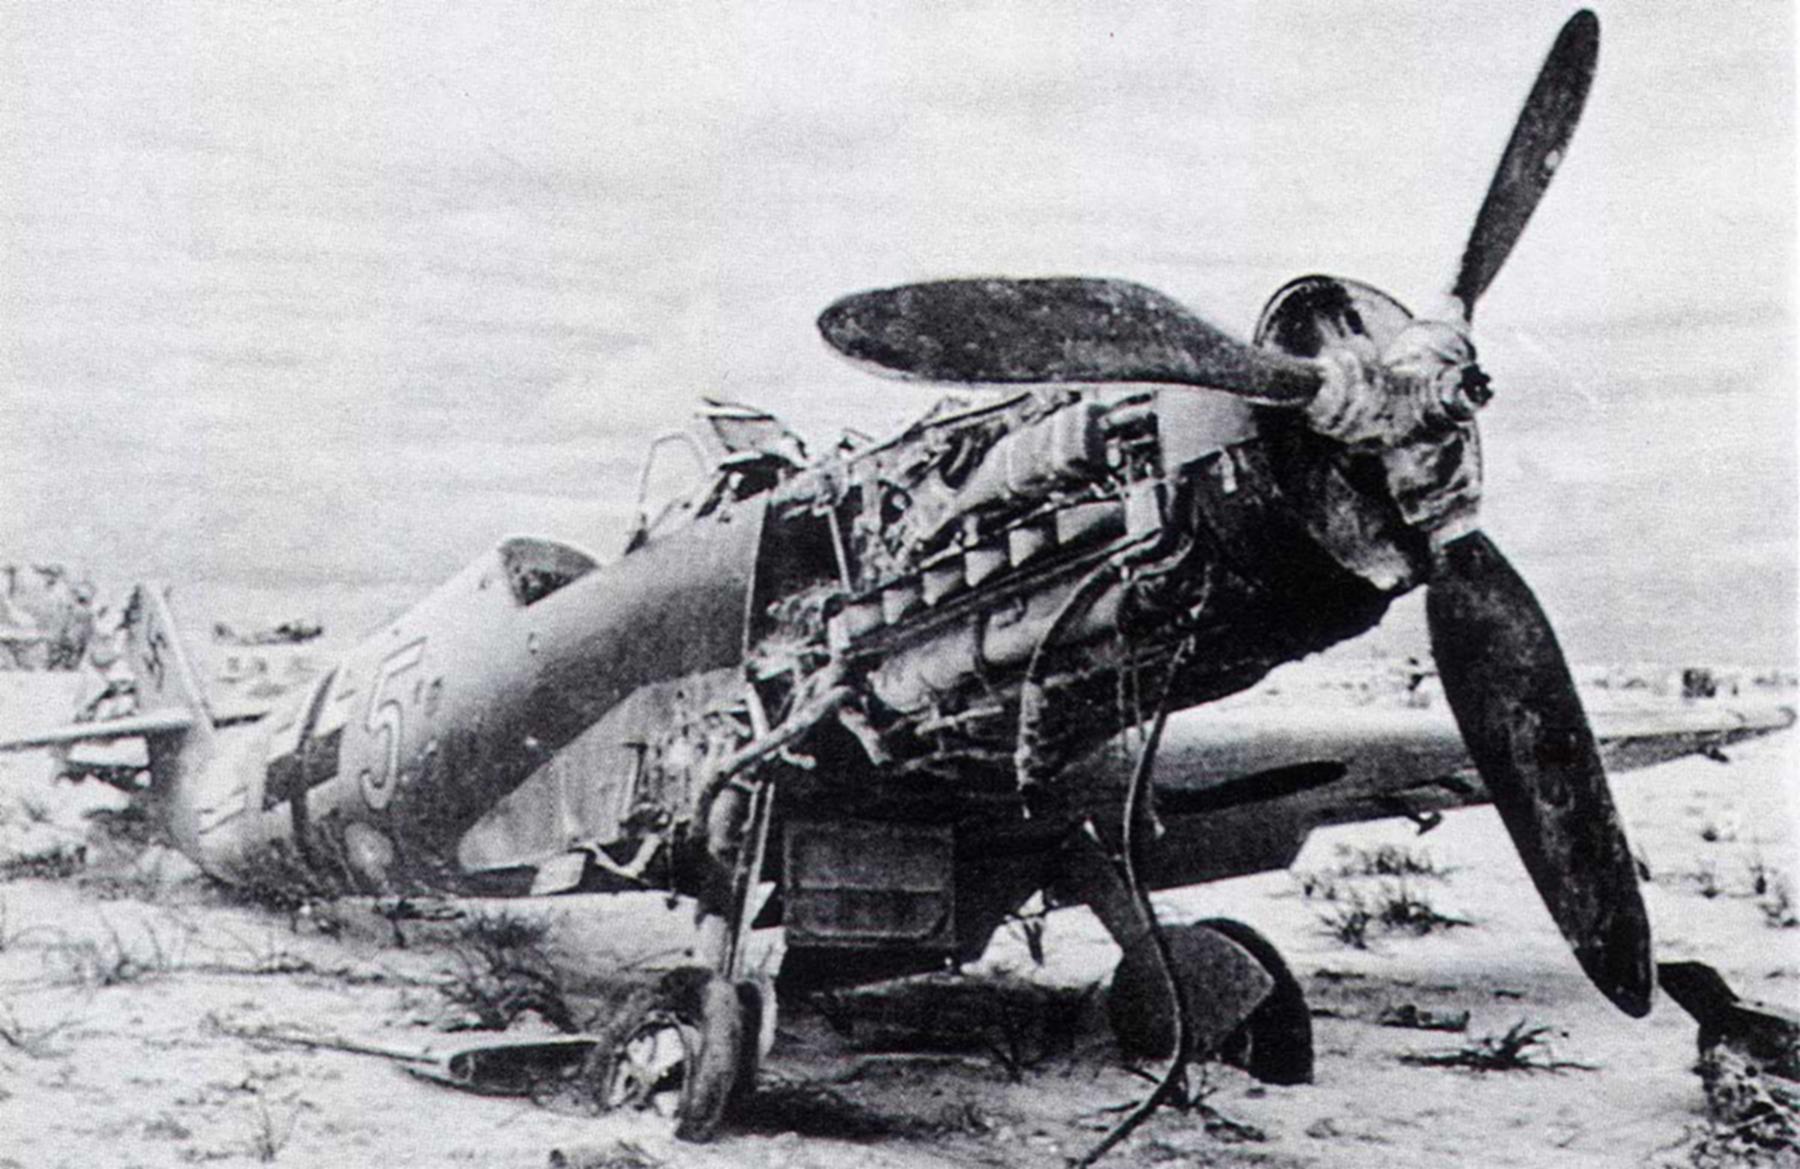 Messerschmitt Bf 109F4Trop 4.JG27 White 5 abandoned North Africa 1942 01